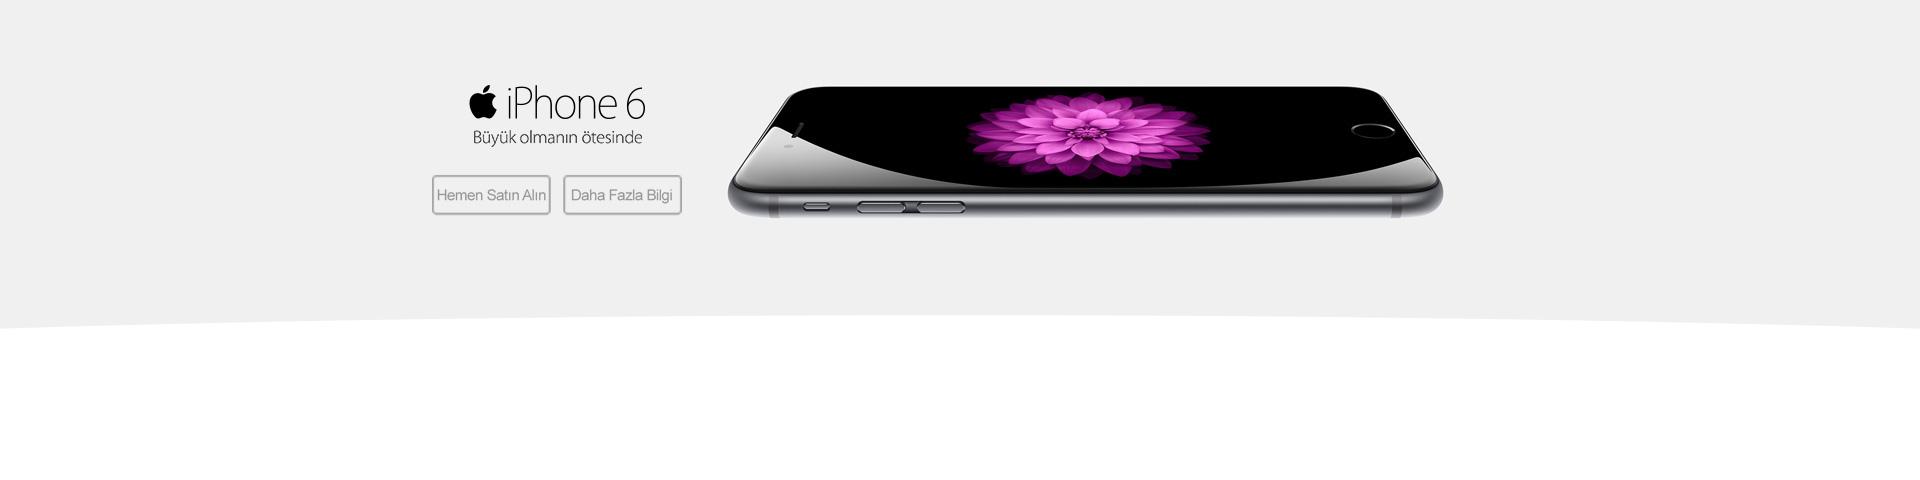 iPhone 6 Satın Alın.